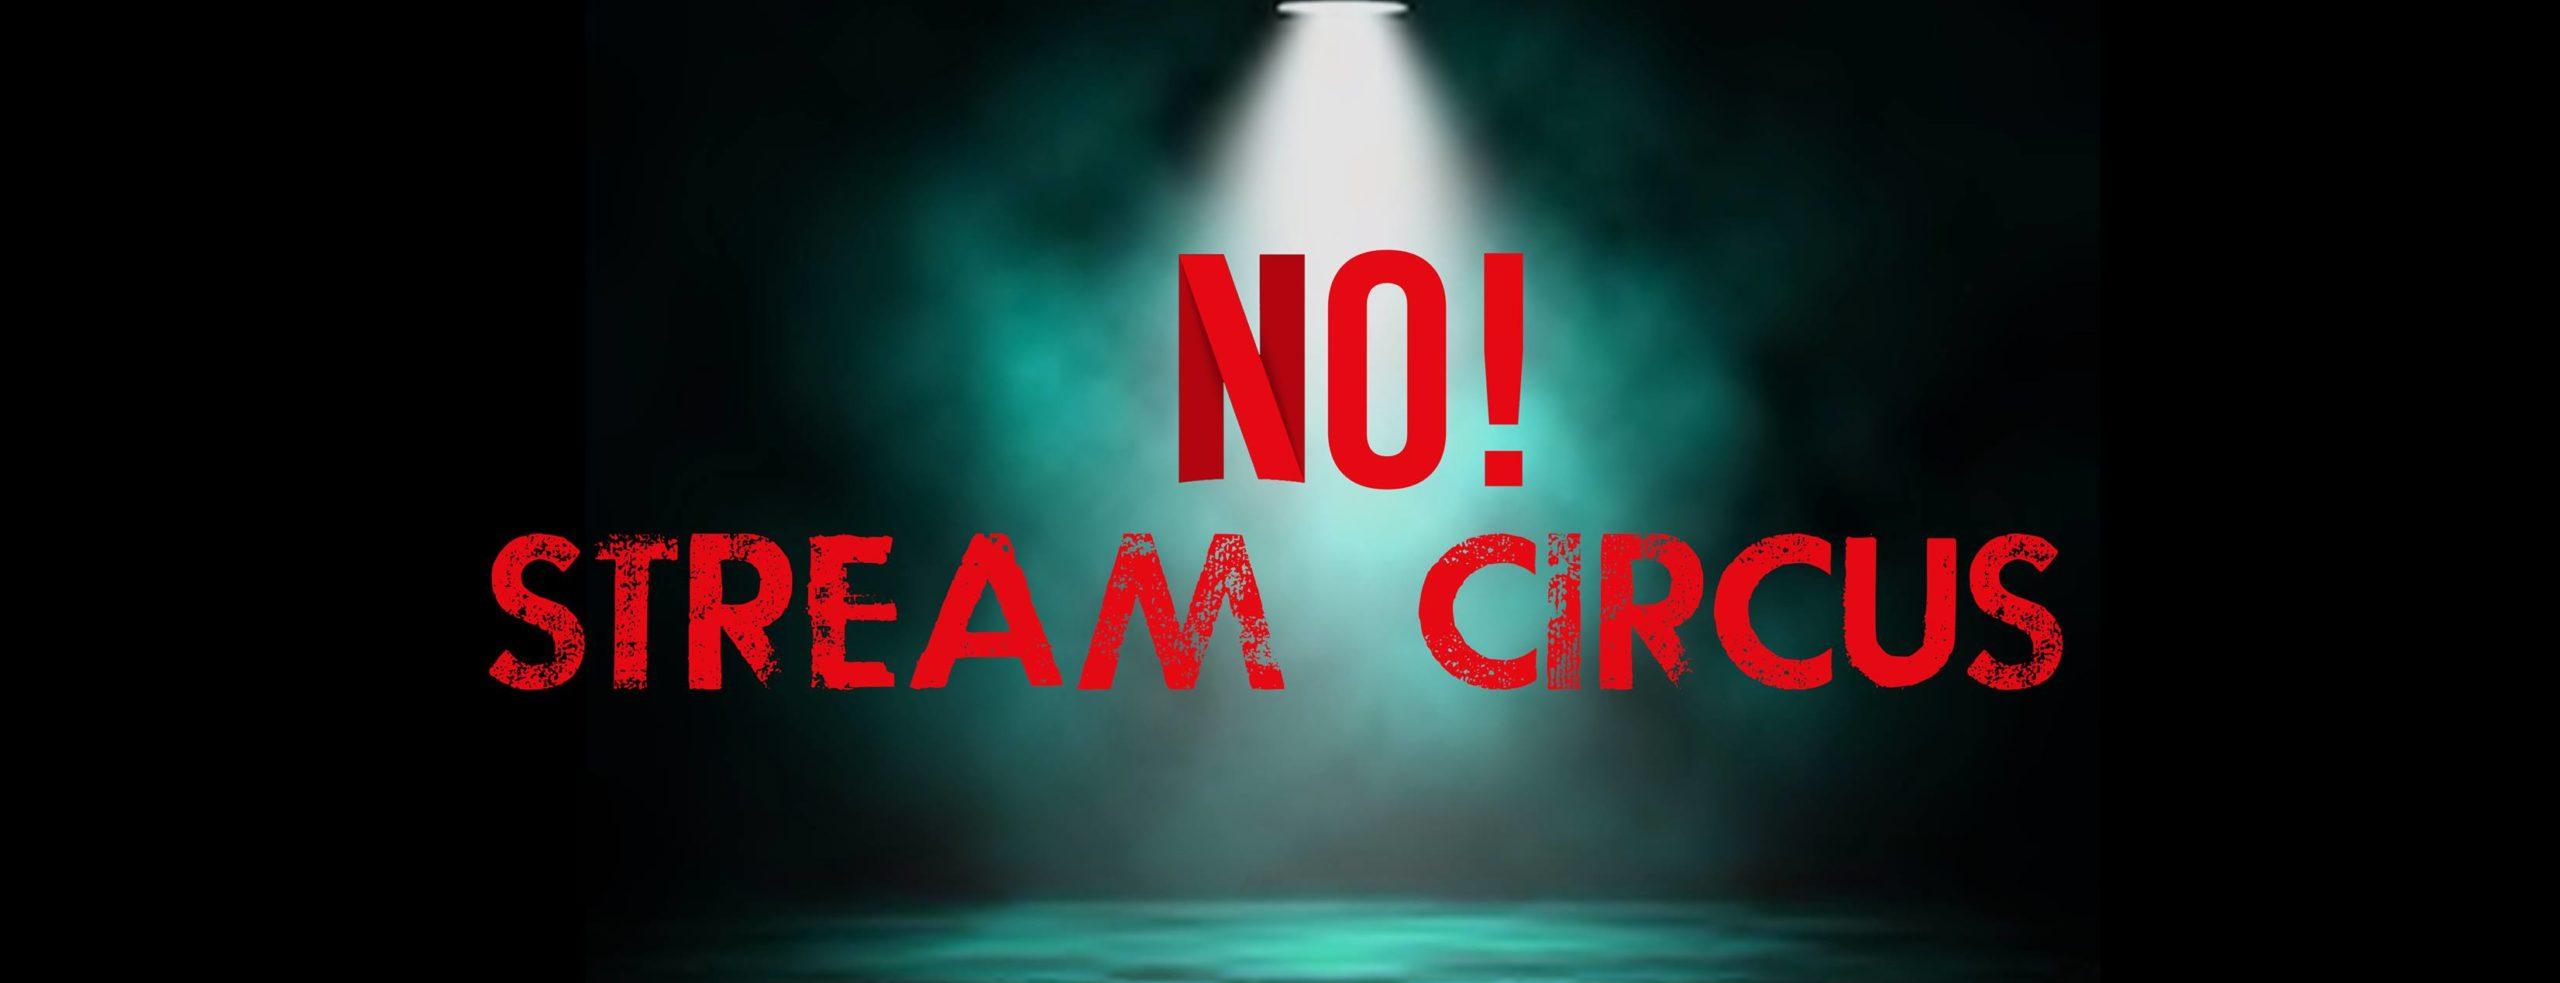 Circo en Streaming? No gracias! El desacuerdo del Circo en un falso evento online